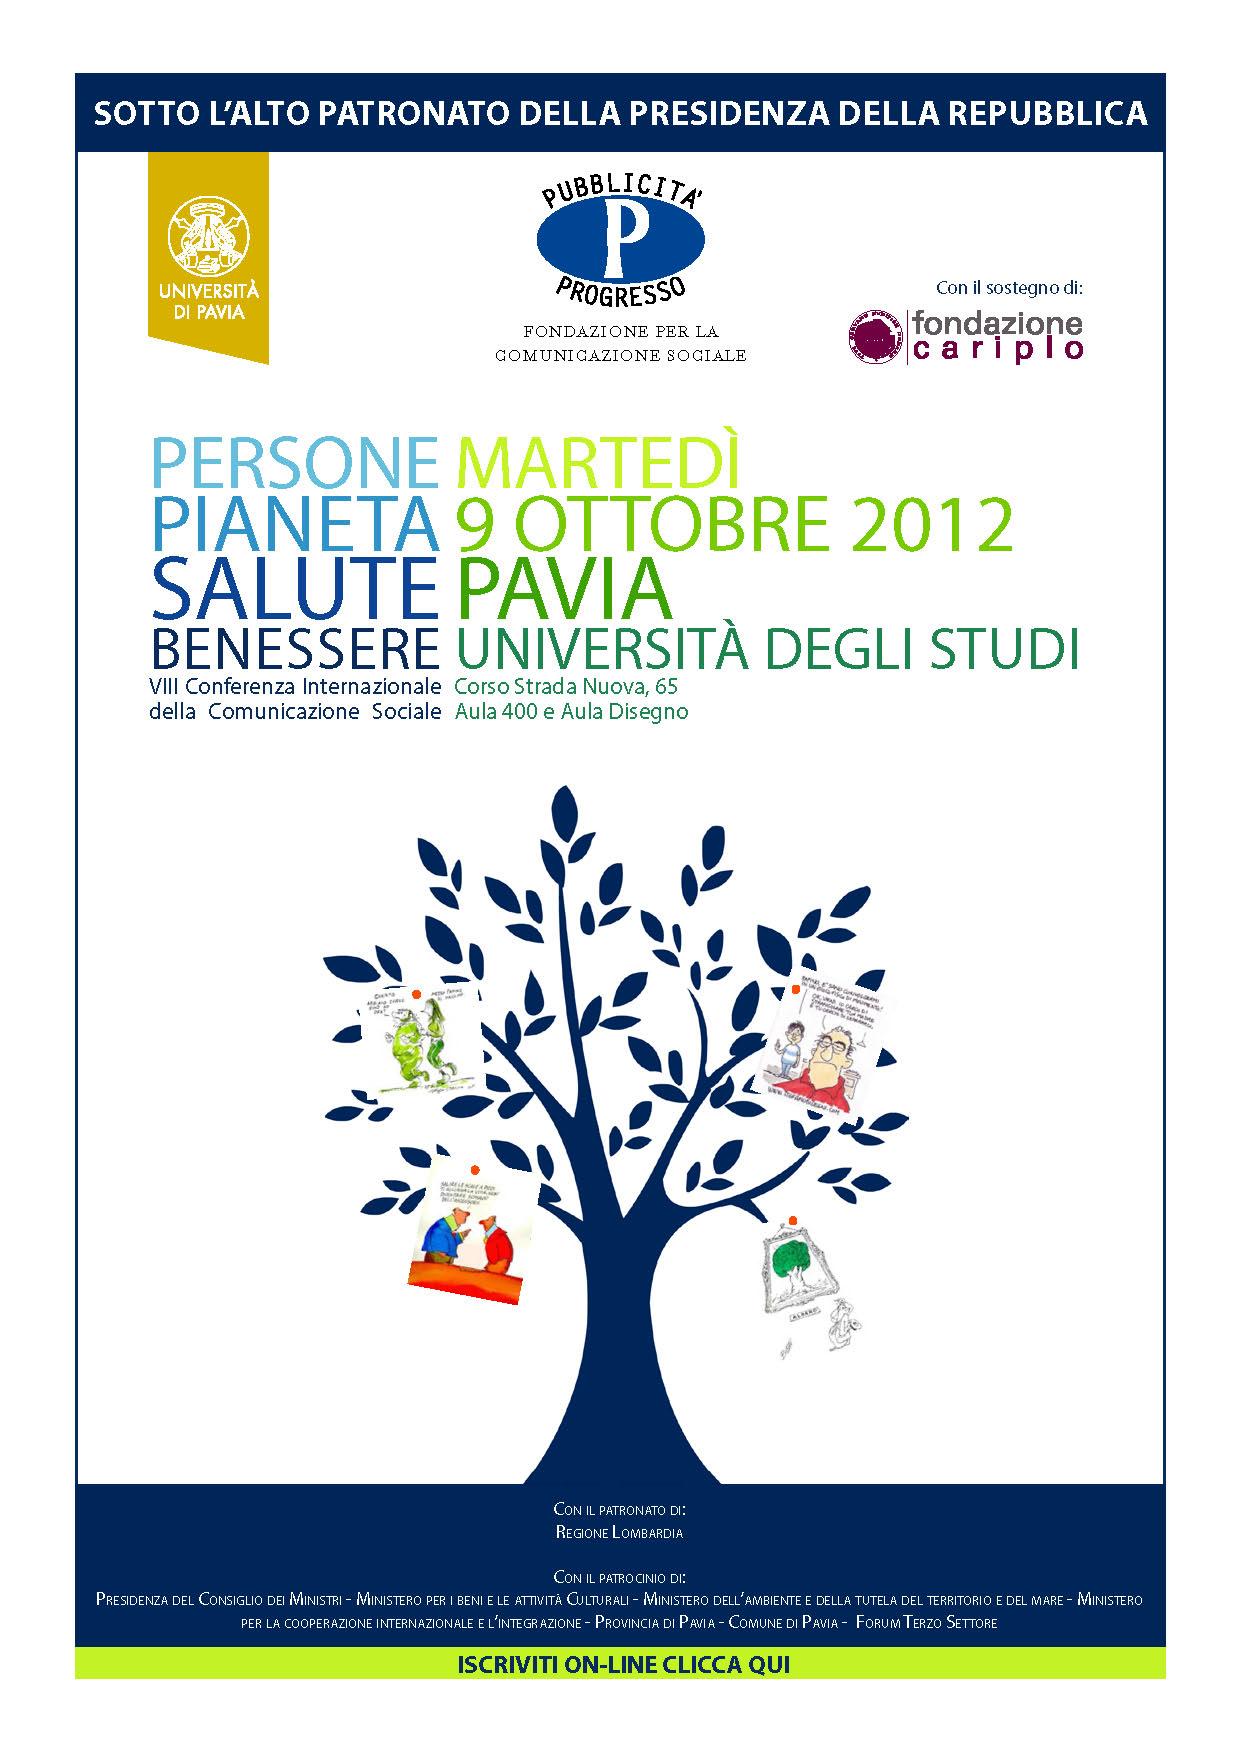 Viii Conferenza Internazionale Di Pubblicita Progresso Persone Pianeta Salute Benessere Inchiostro